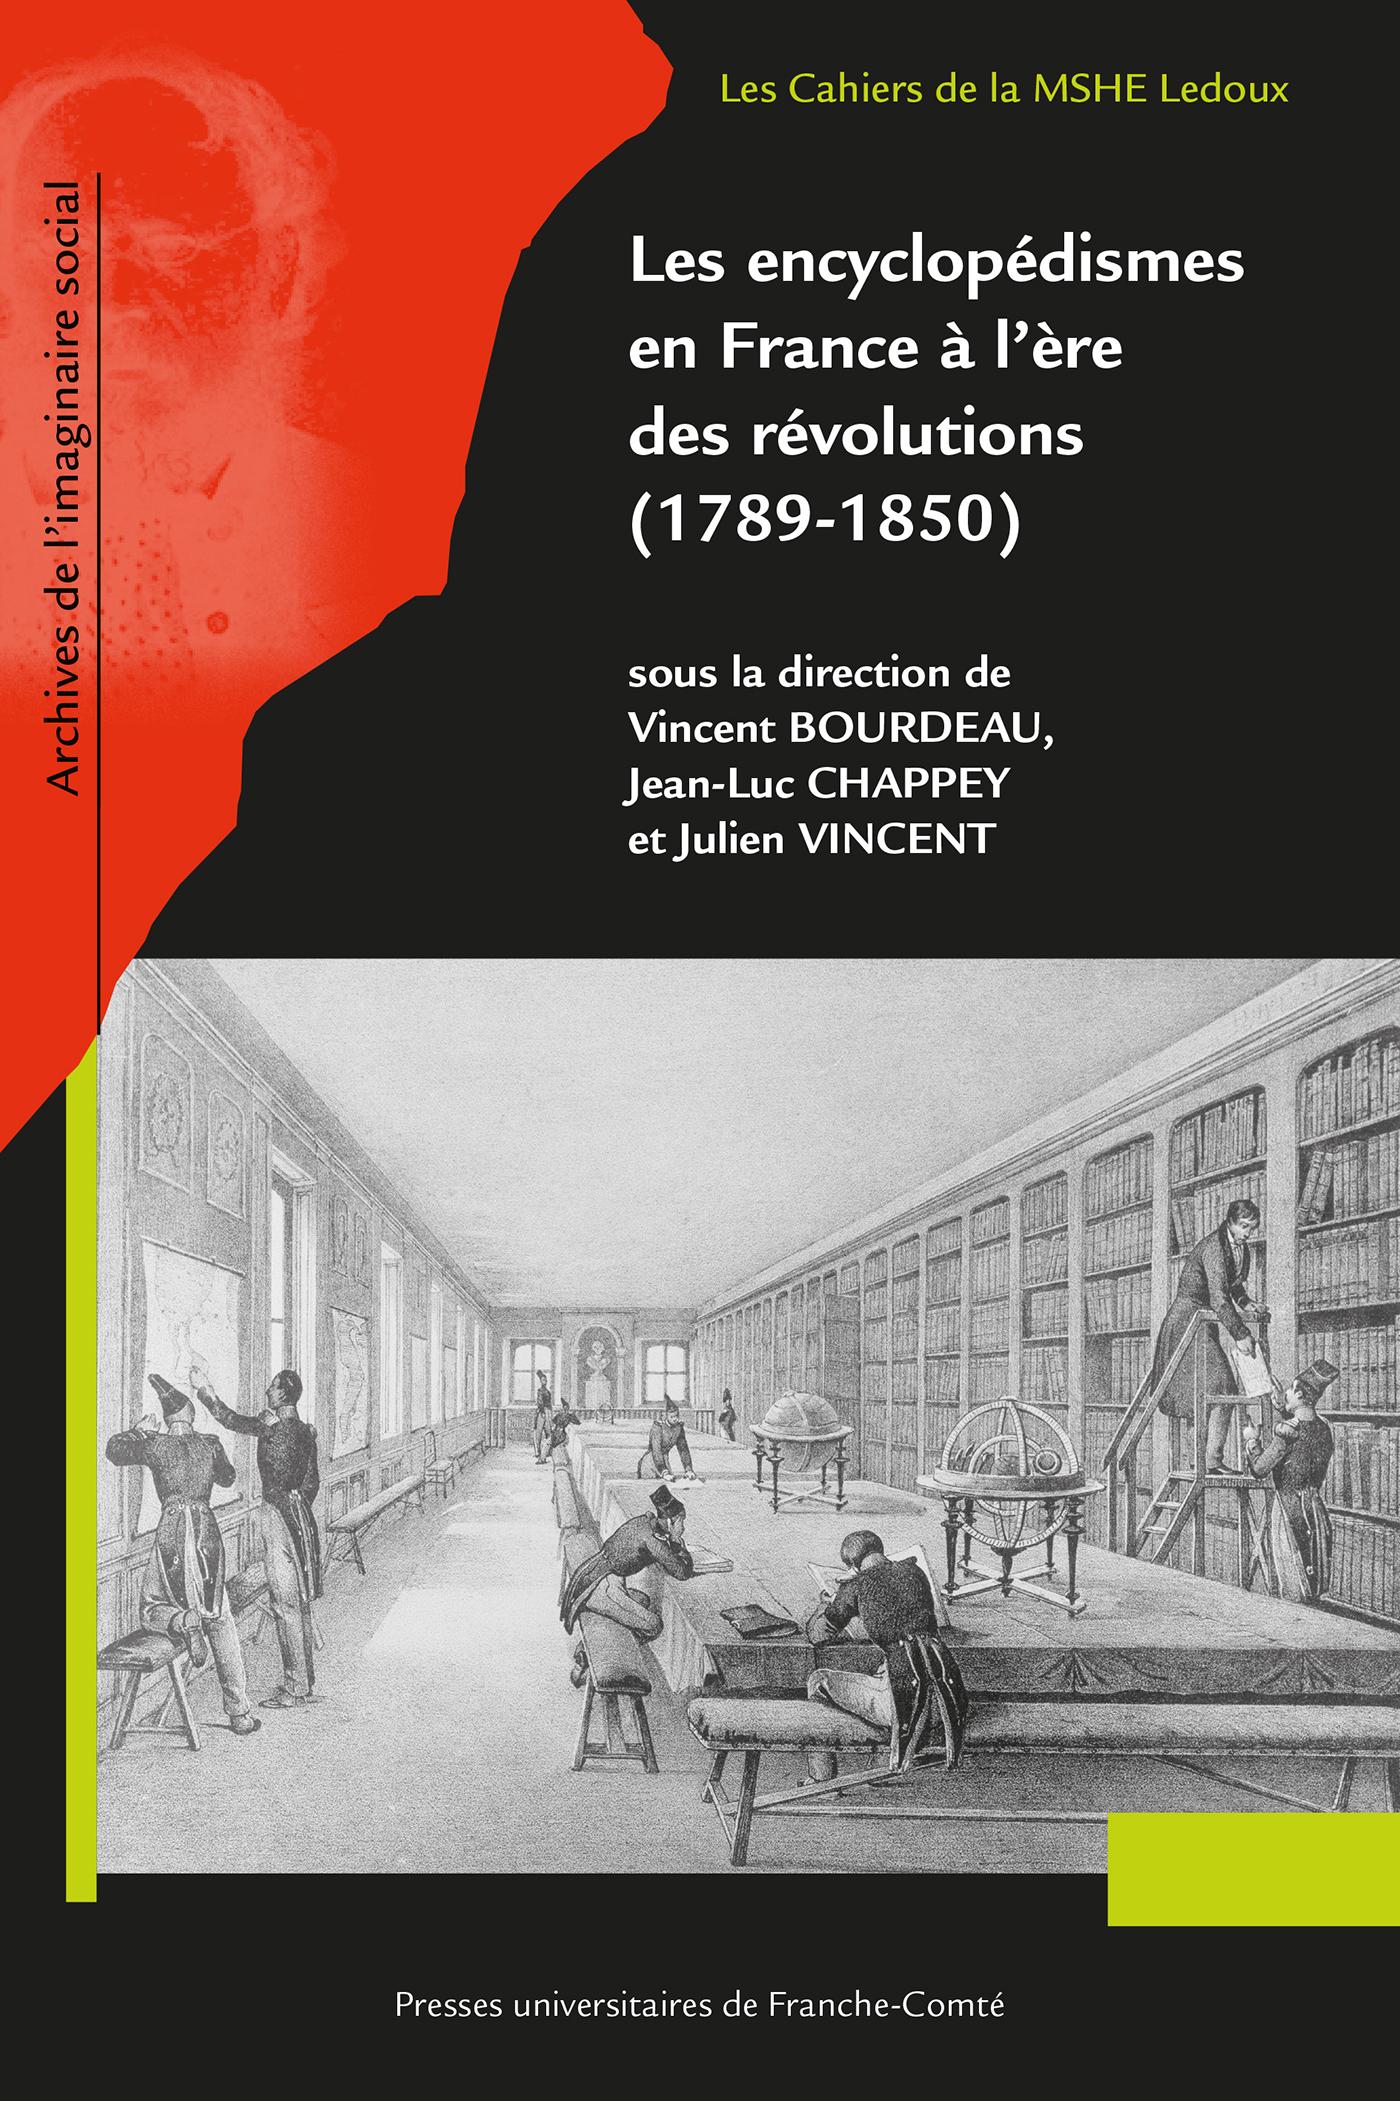 V. Bourdeau, J.-L. Chappey, J. Vincent (dir.), Les encyclopédismes en France à l'ère des révolutions (1789-1850)